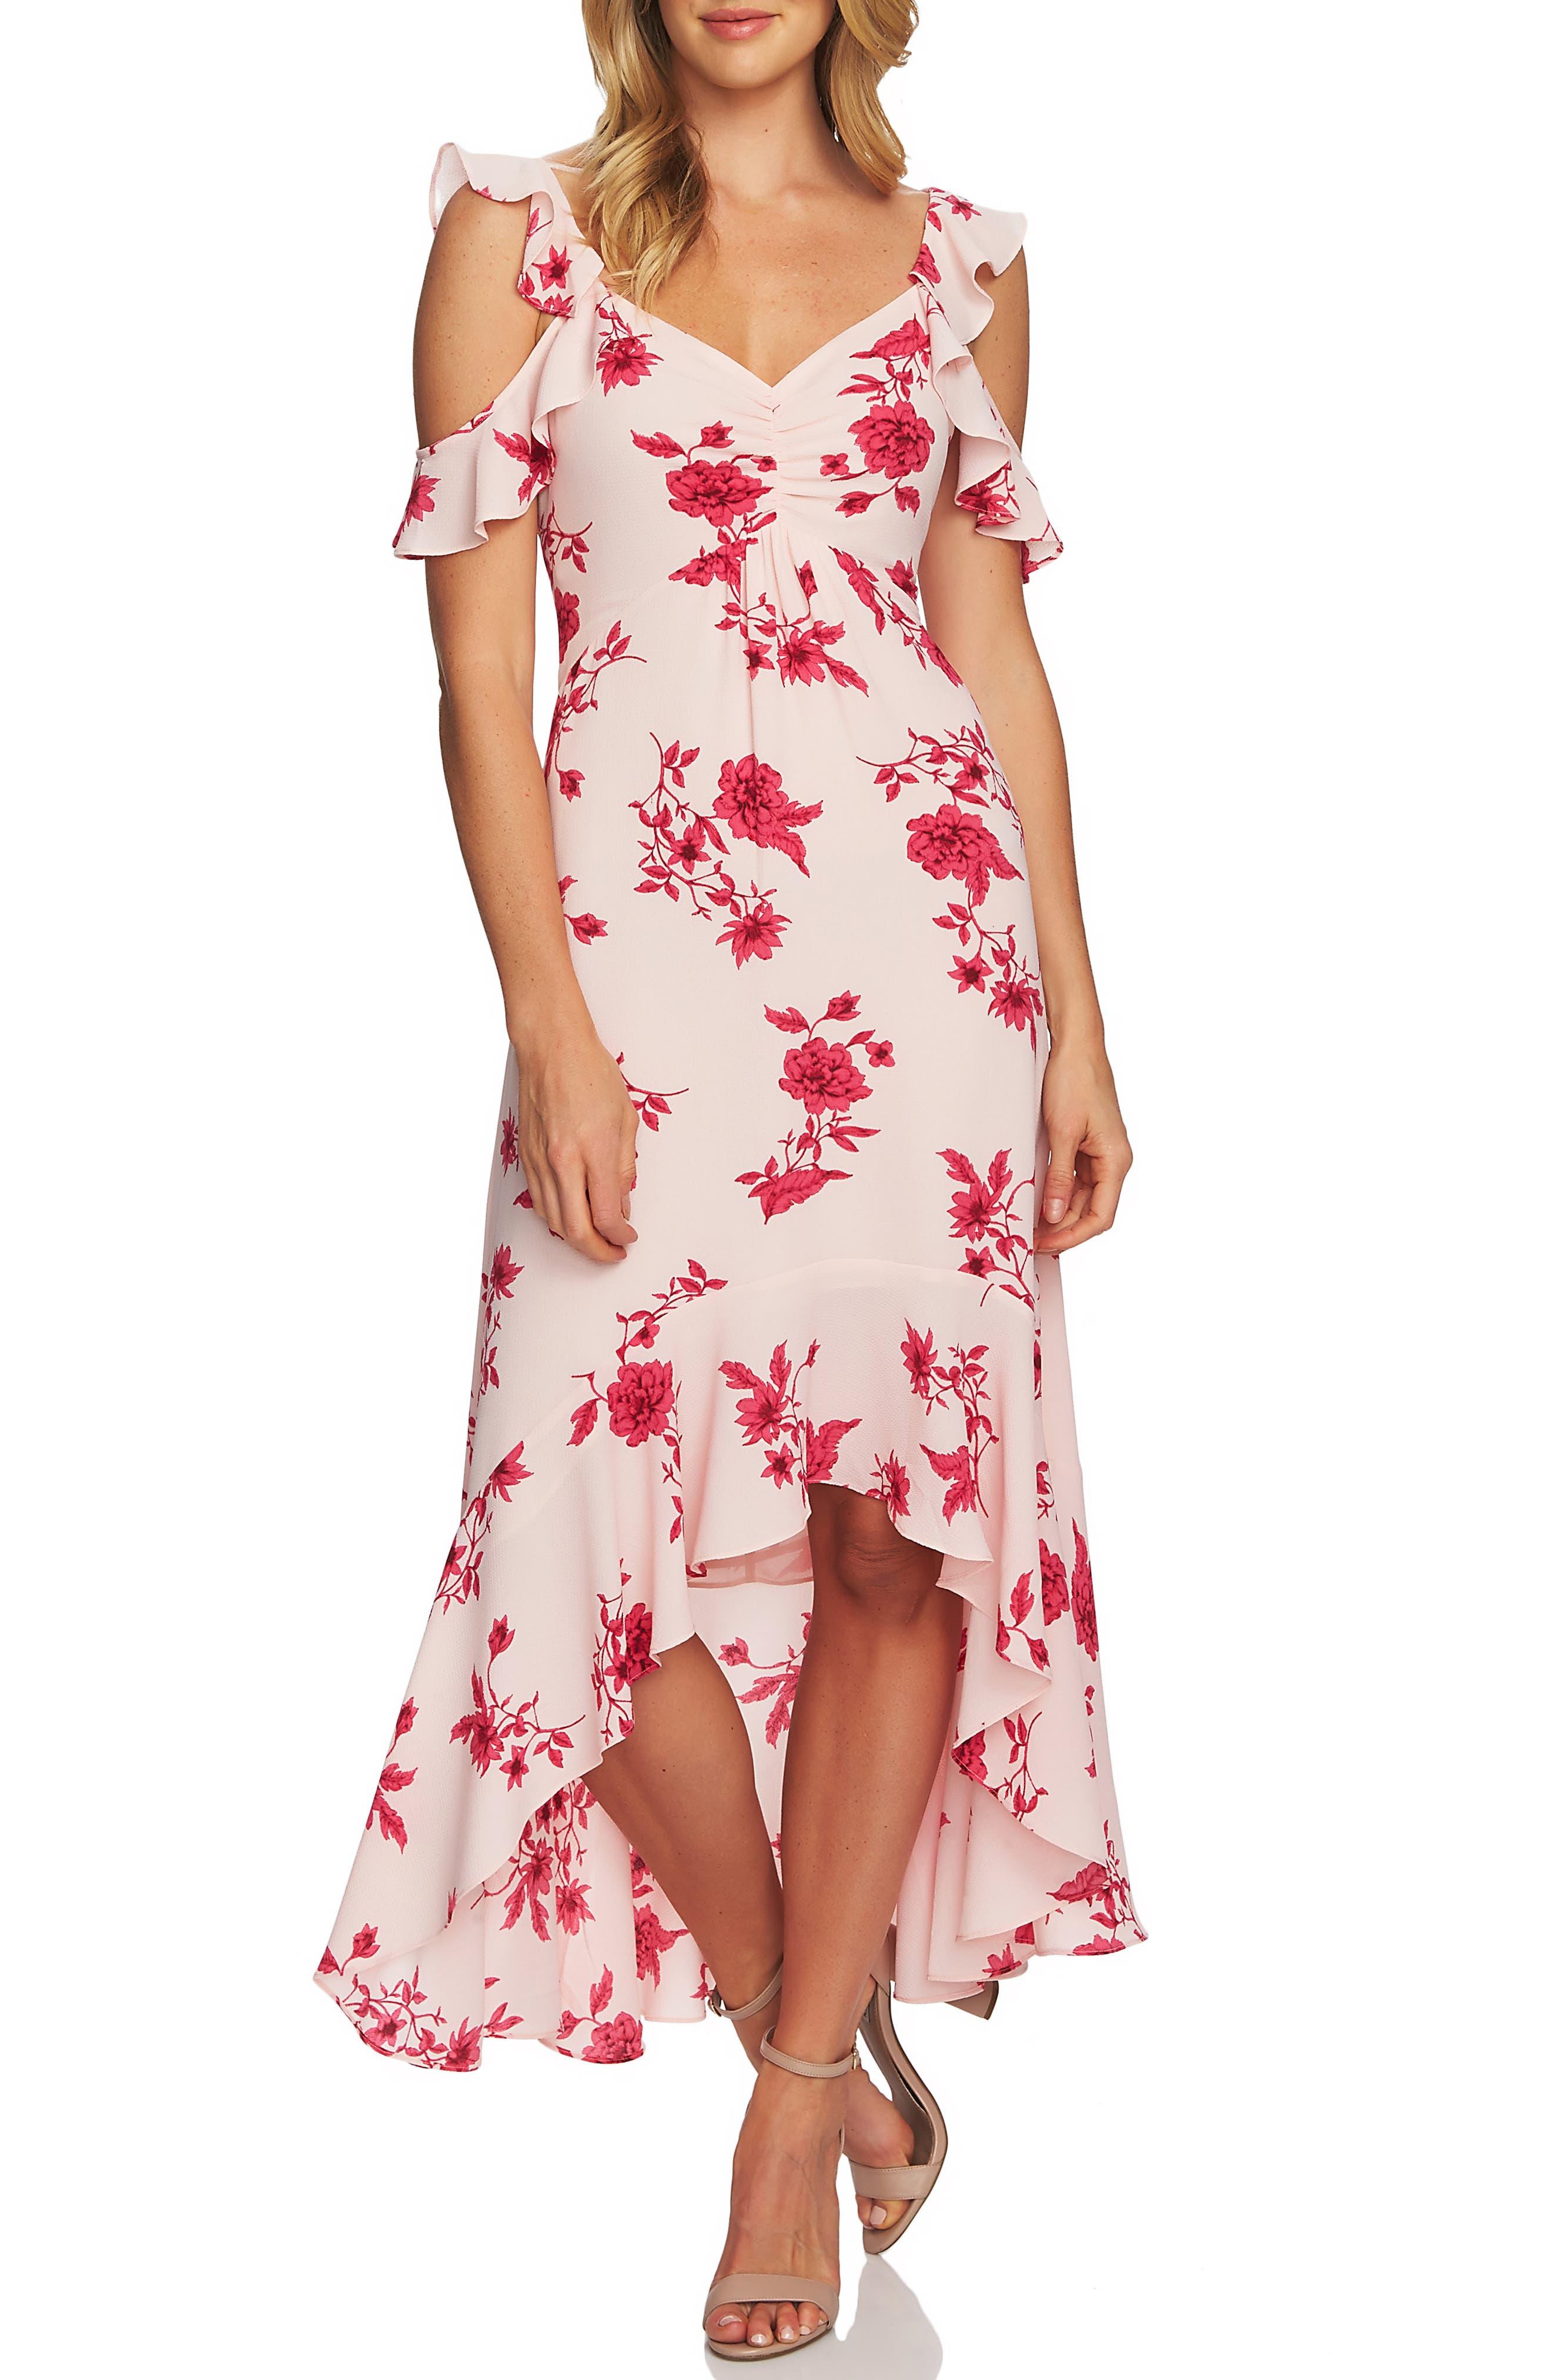 CECE, Etched Floral High/Low Midi Dress, Main thumbnail 1, color, SECRET BLUSH